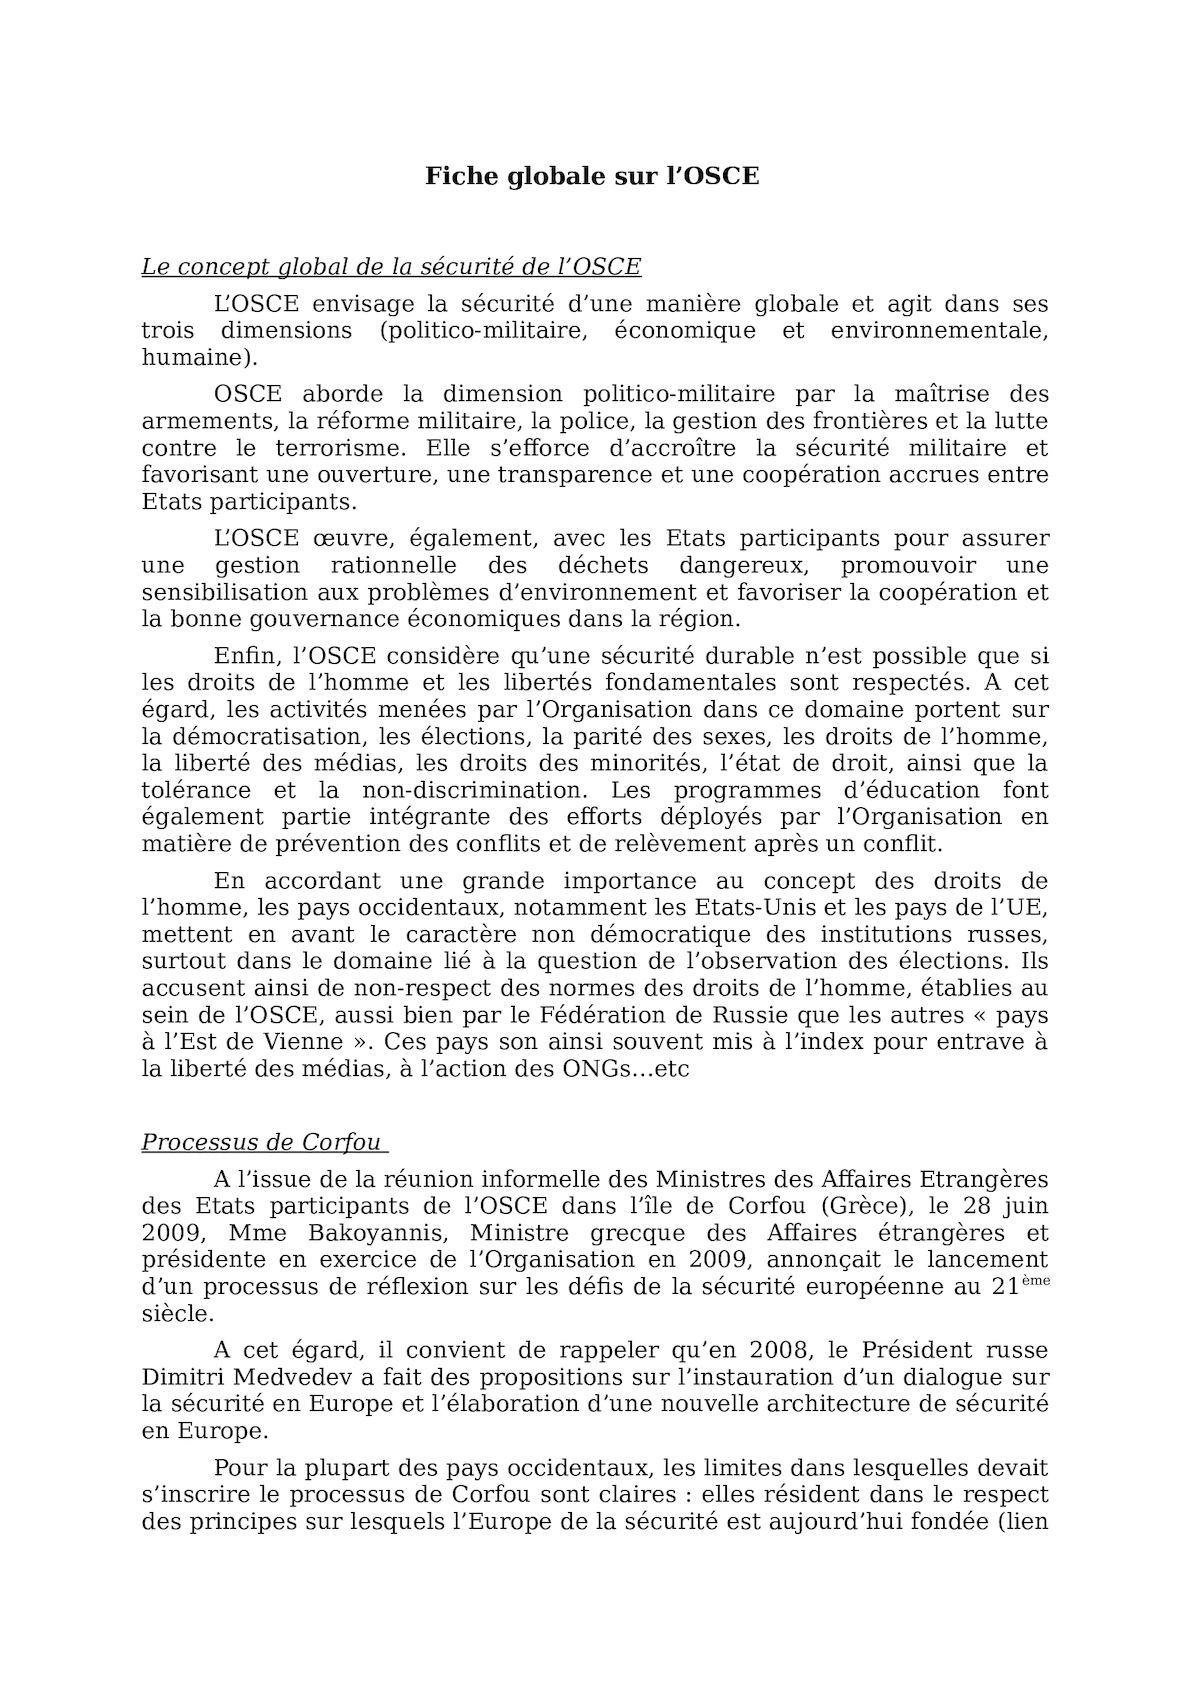 Fiche Globale Sur L'OSCE